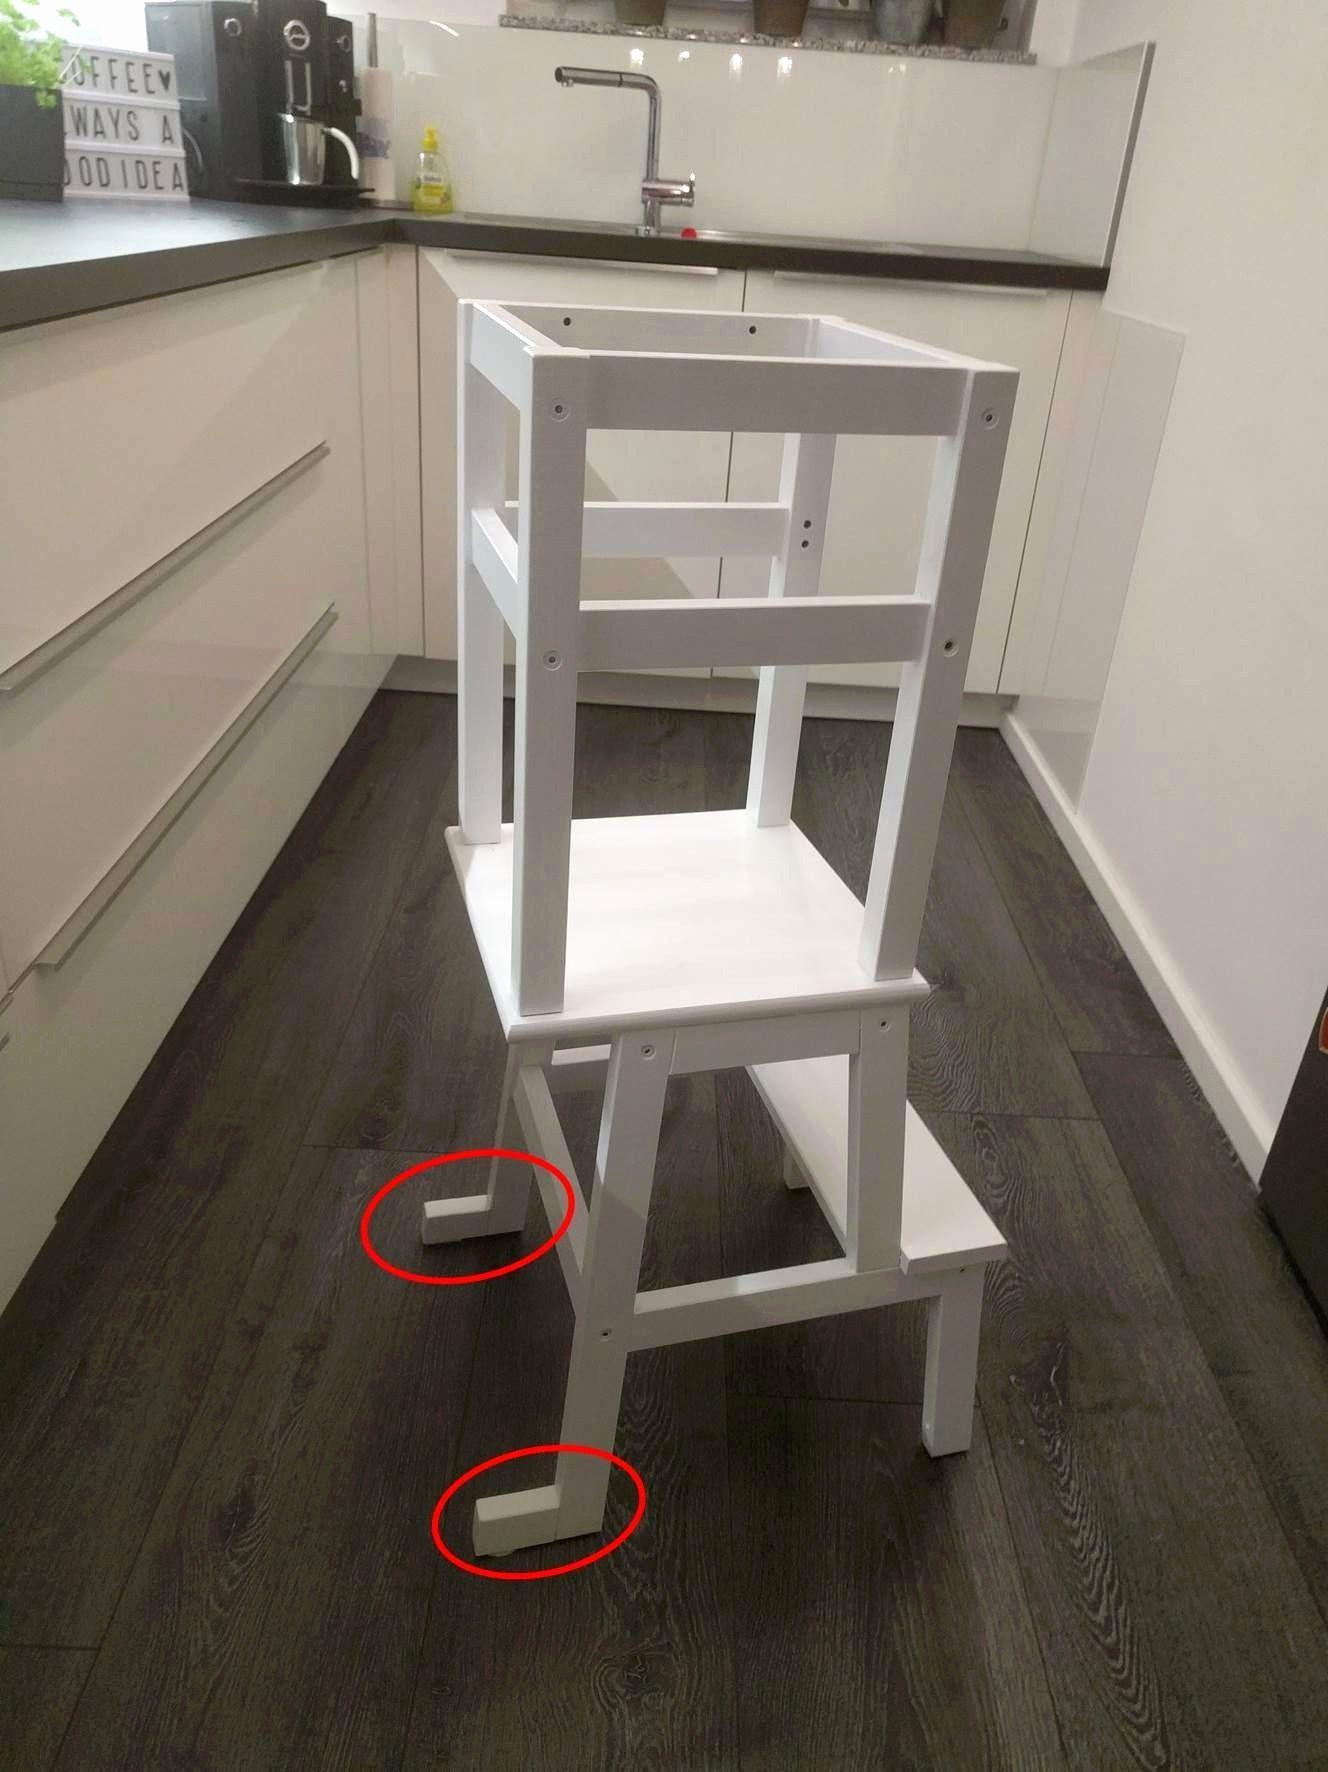 Lit Ikea 2 Personnes Agréable Lit Escamotable Alinea élégant Ikea Lit Armoire Escamotable